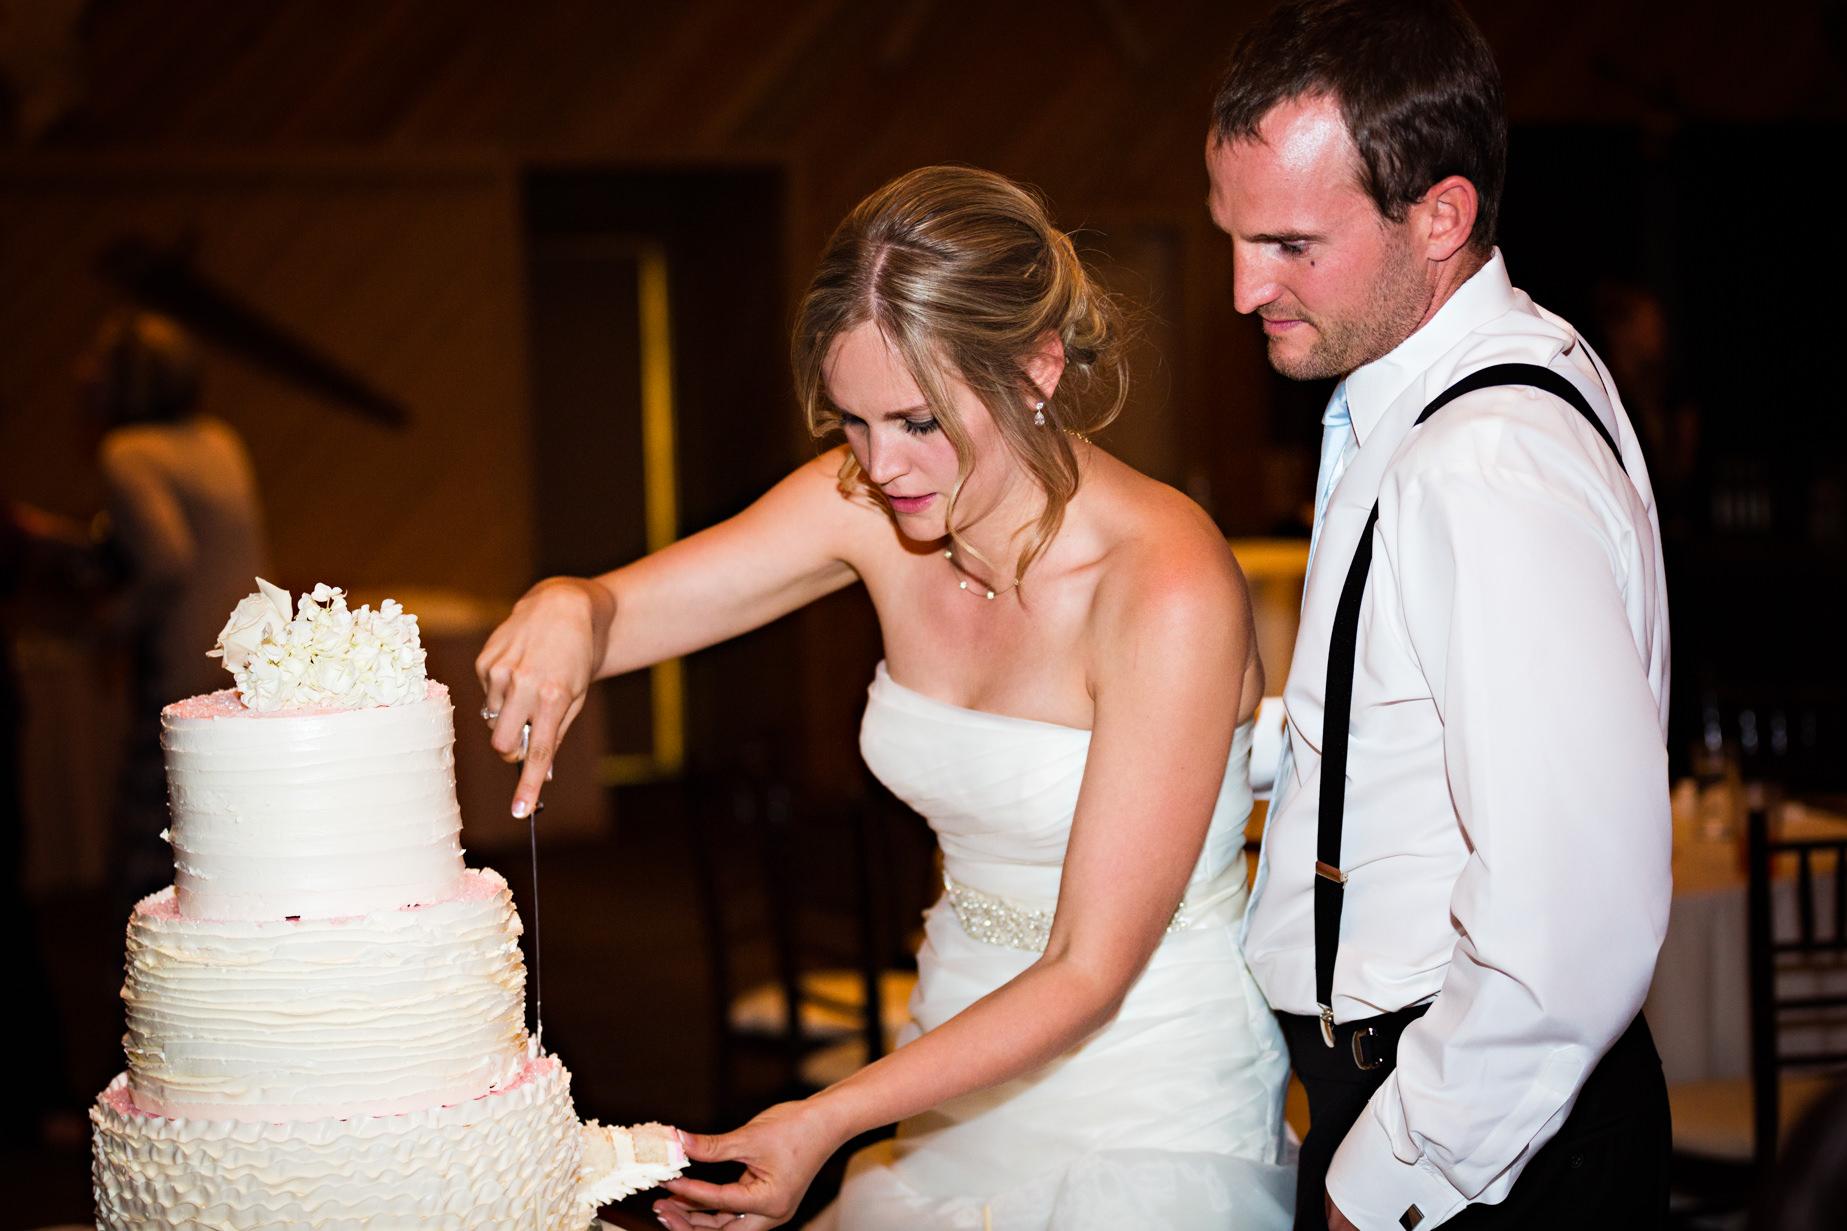 big-sky-resort-wedding-bride-groom-cut-cake.jpg